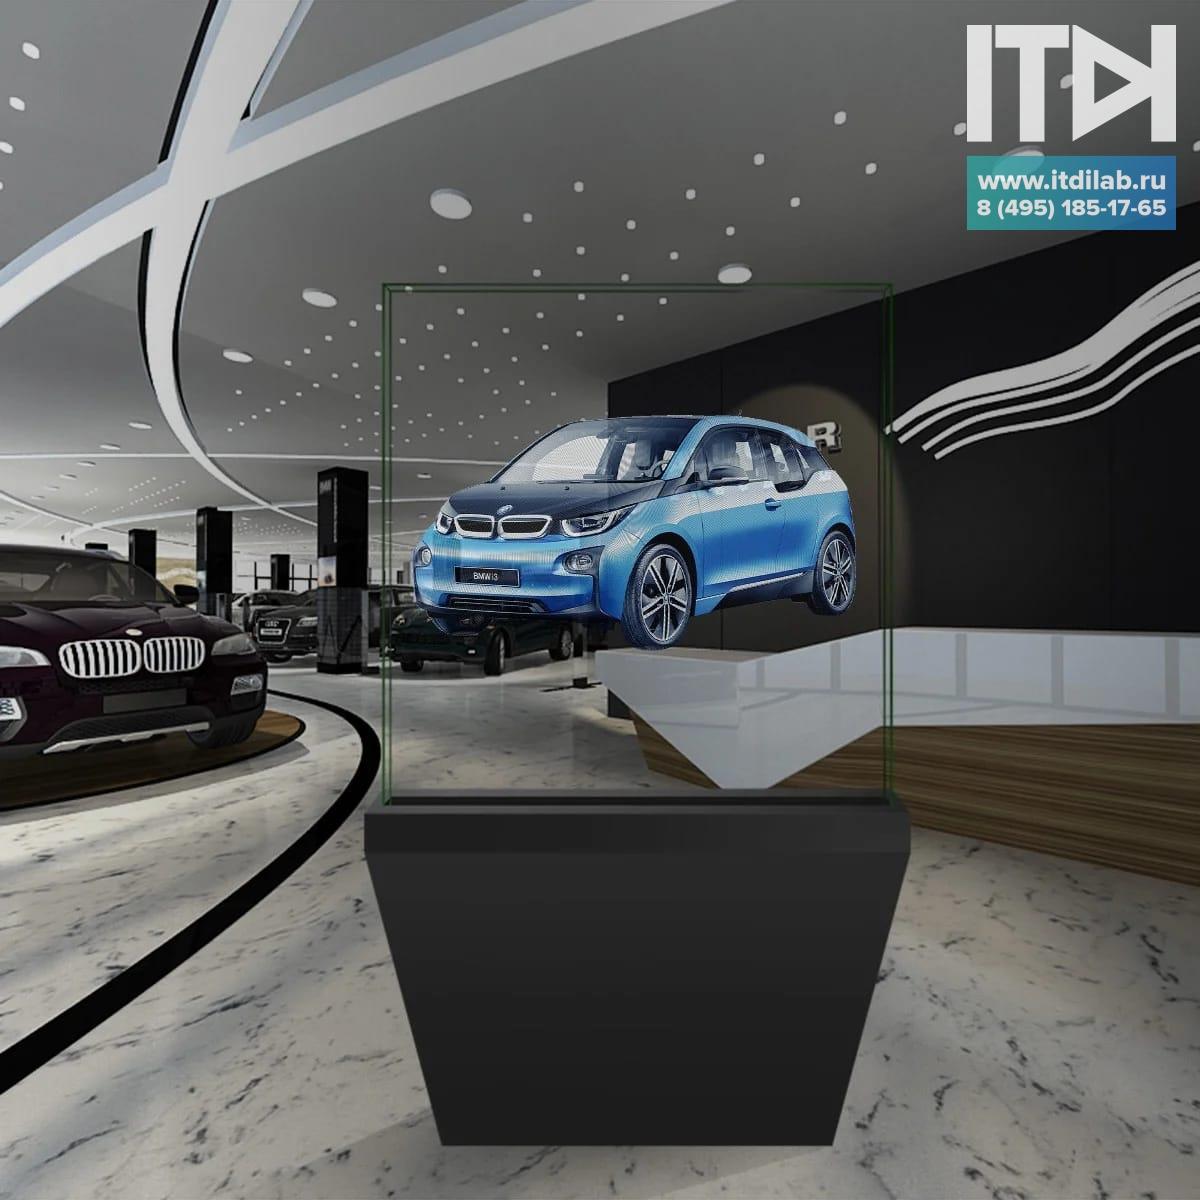 Компания ITDILAB предоставляет спектр услуг по размещению голографического оборудования на Ваших торговых площадках, выставках, и любых других мероприятиях.